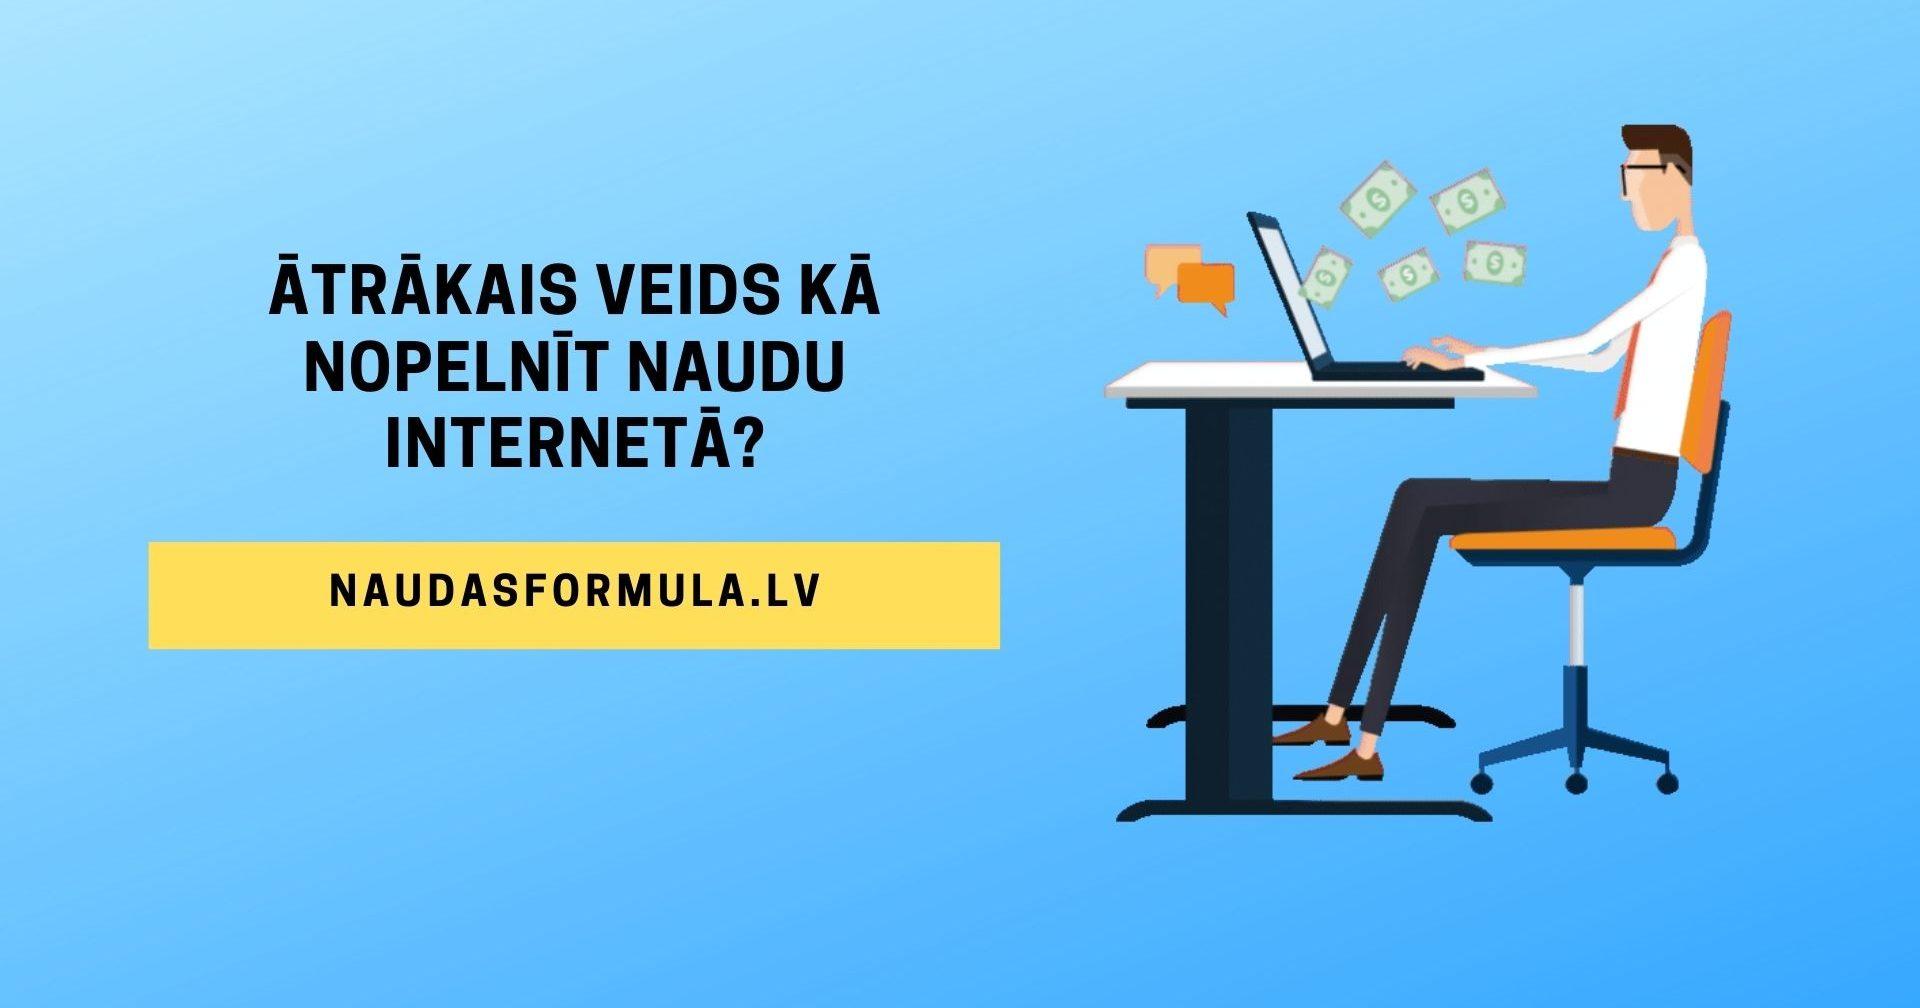 godīga naudas pelnīšana internetā)